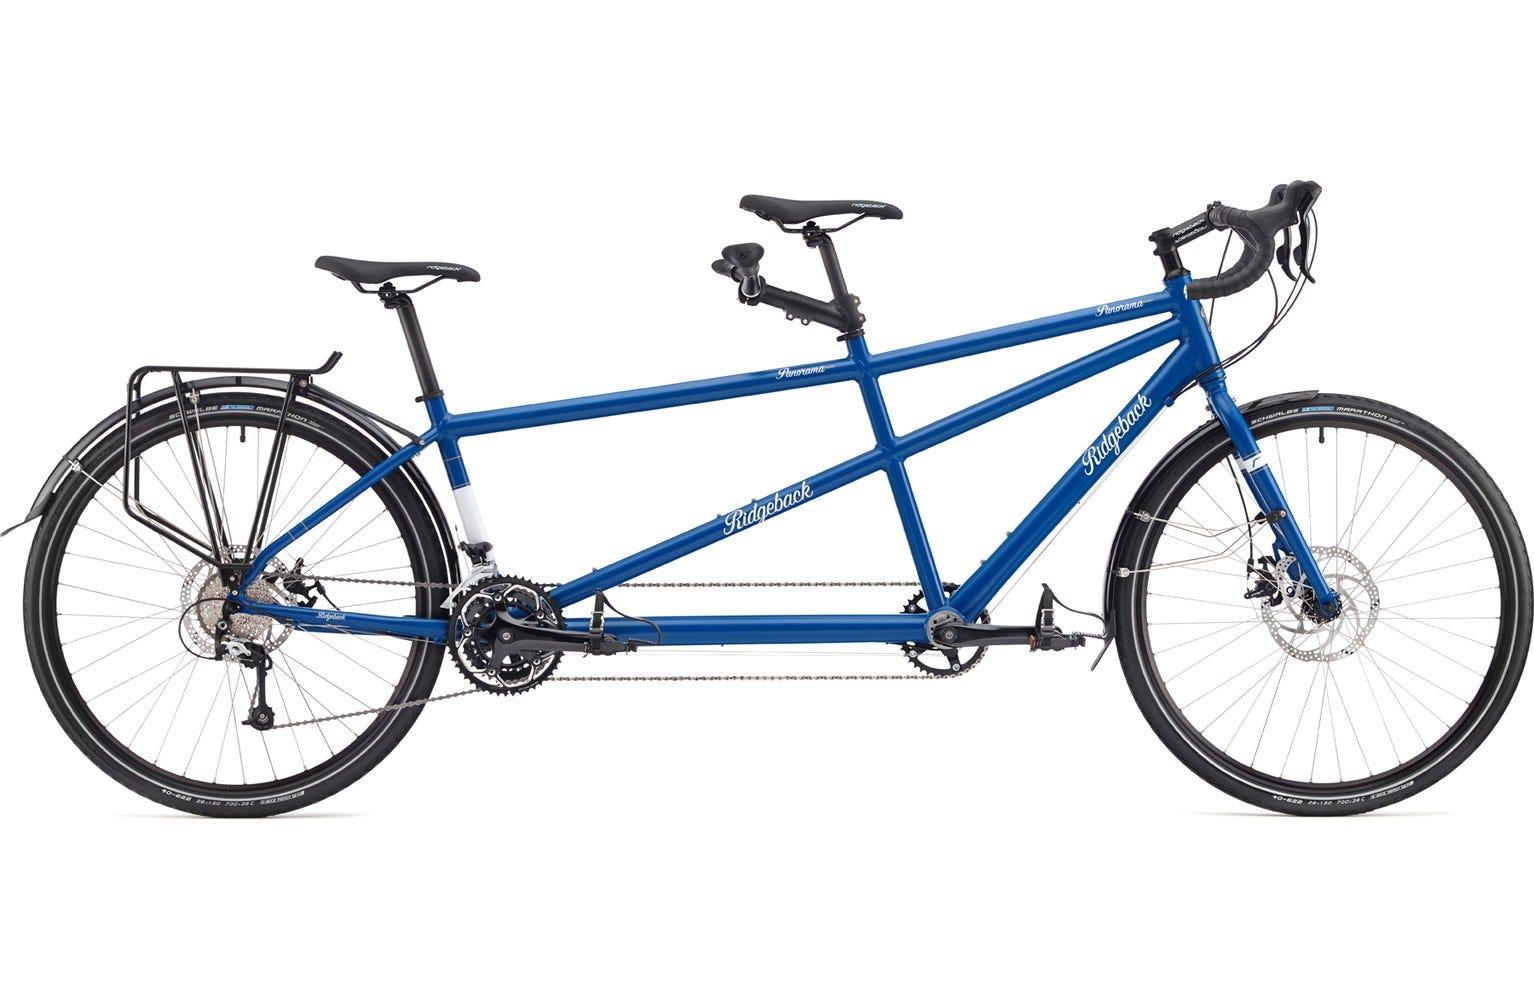 Ridgeback Panorama Tandem Small bike Ex Display